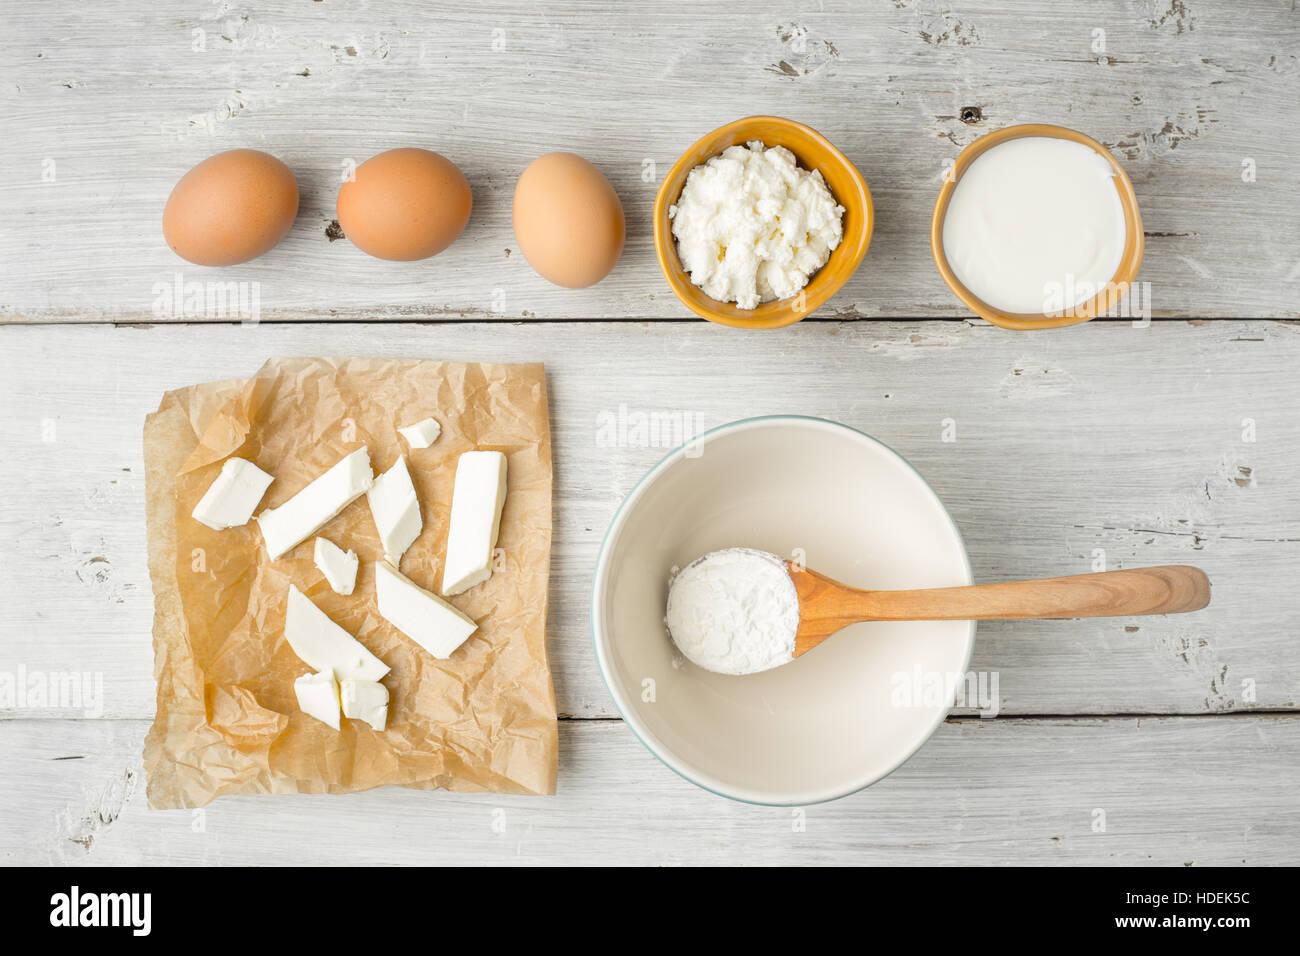 Altro formaggio fresco con yogurt e uova sul bianco tavolo in legno vista superiore Immagini Stock